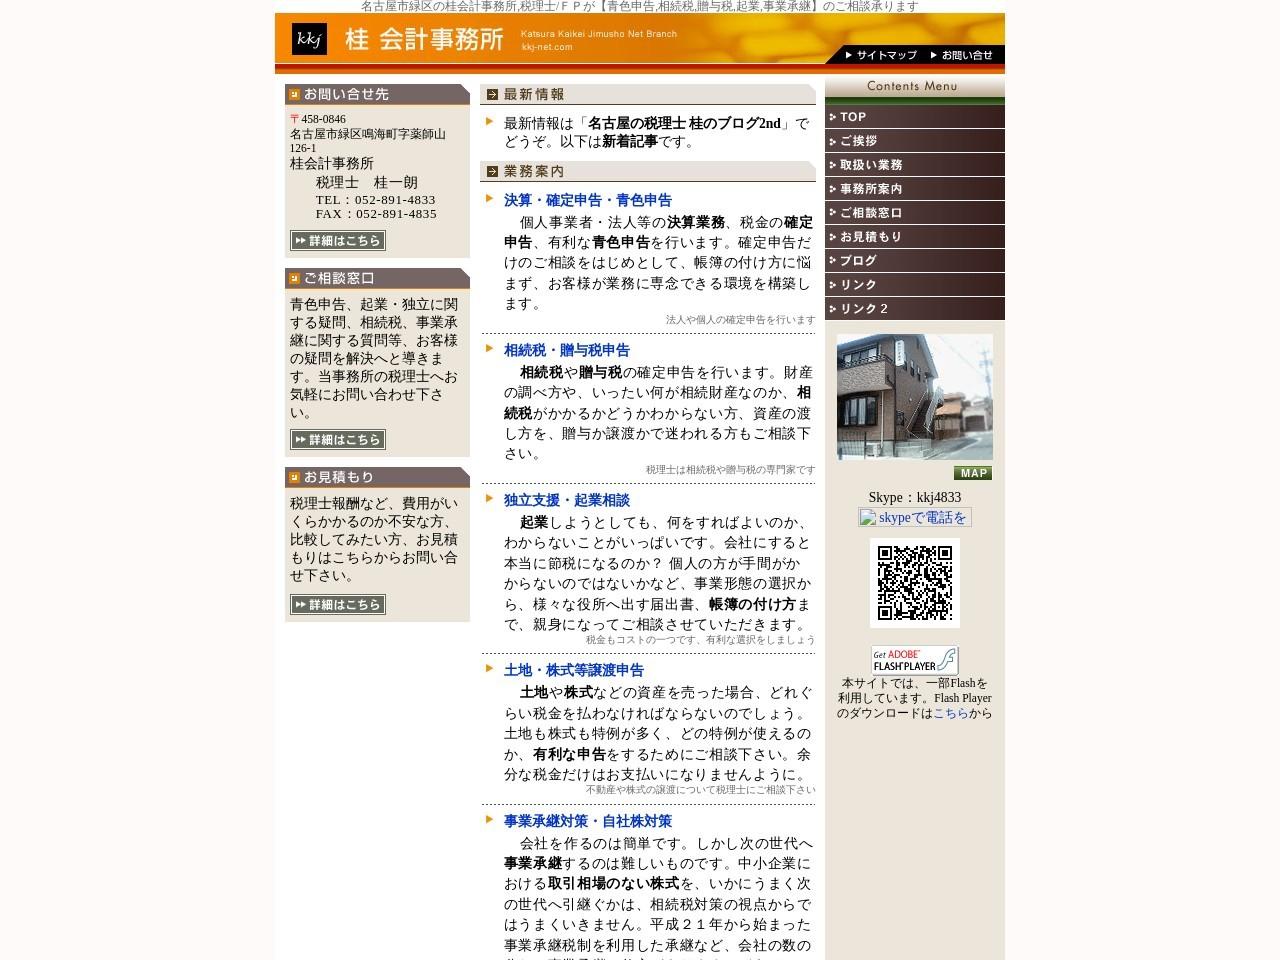 桂一朗税理士事務所